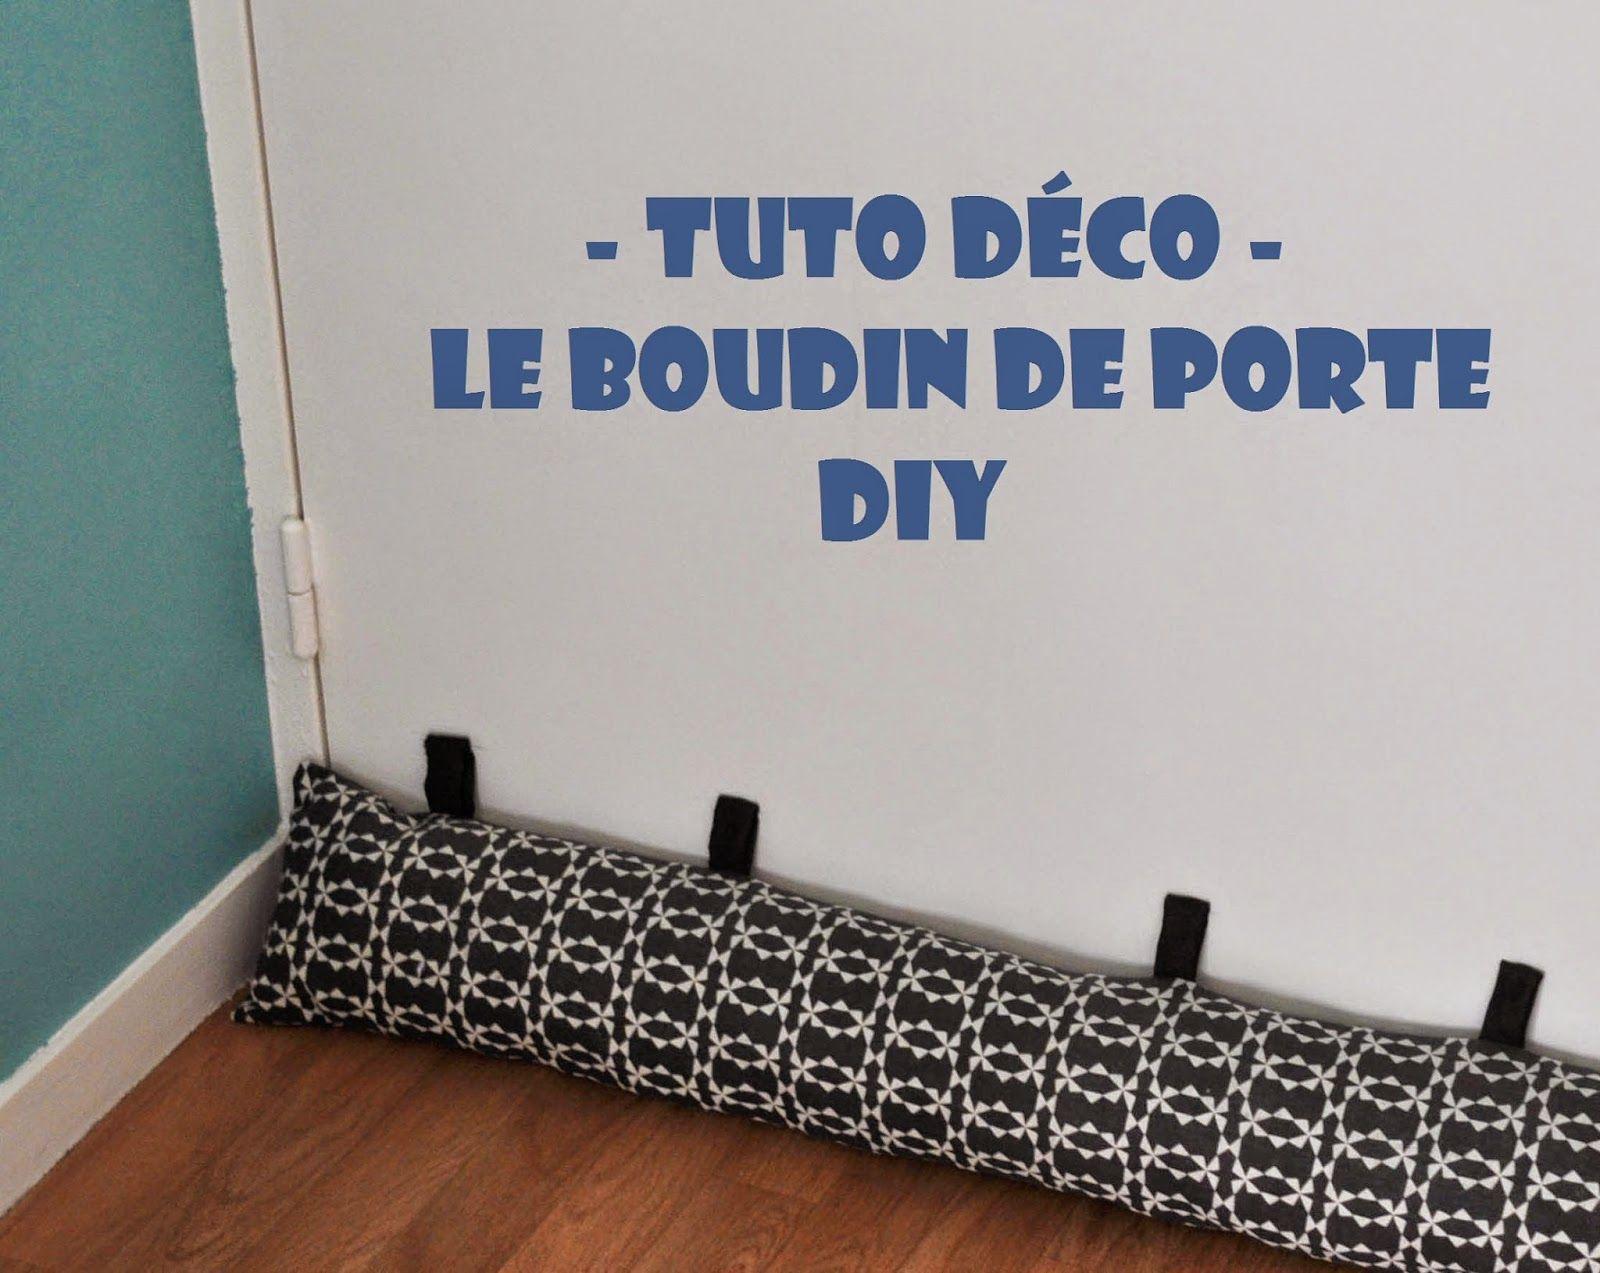 Funky sunday halte aux courants d 39 air le boudin de porte diy couture diy d co maison - Blog couture deco maison ...